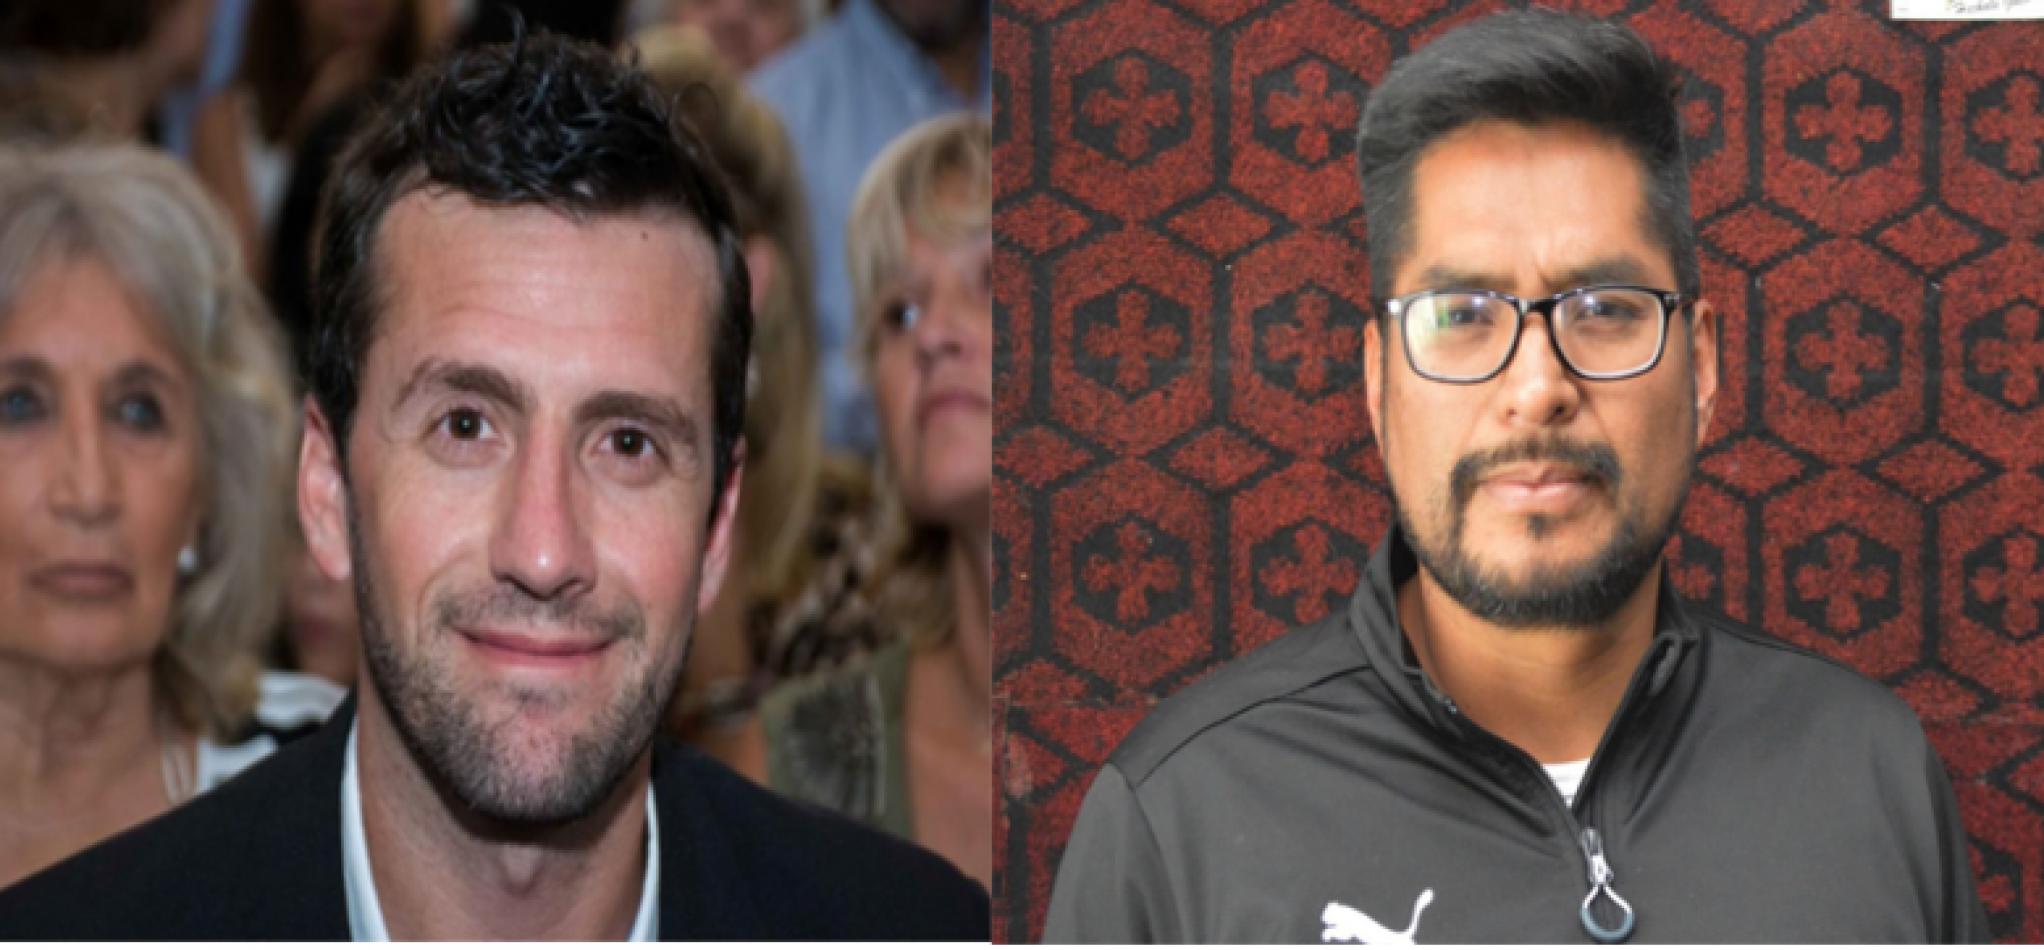 Izquierda: Luciano Demarco. Derecha: Blas Gallardo